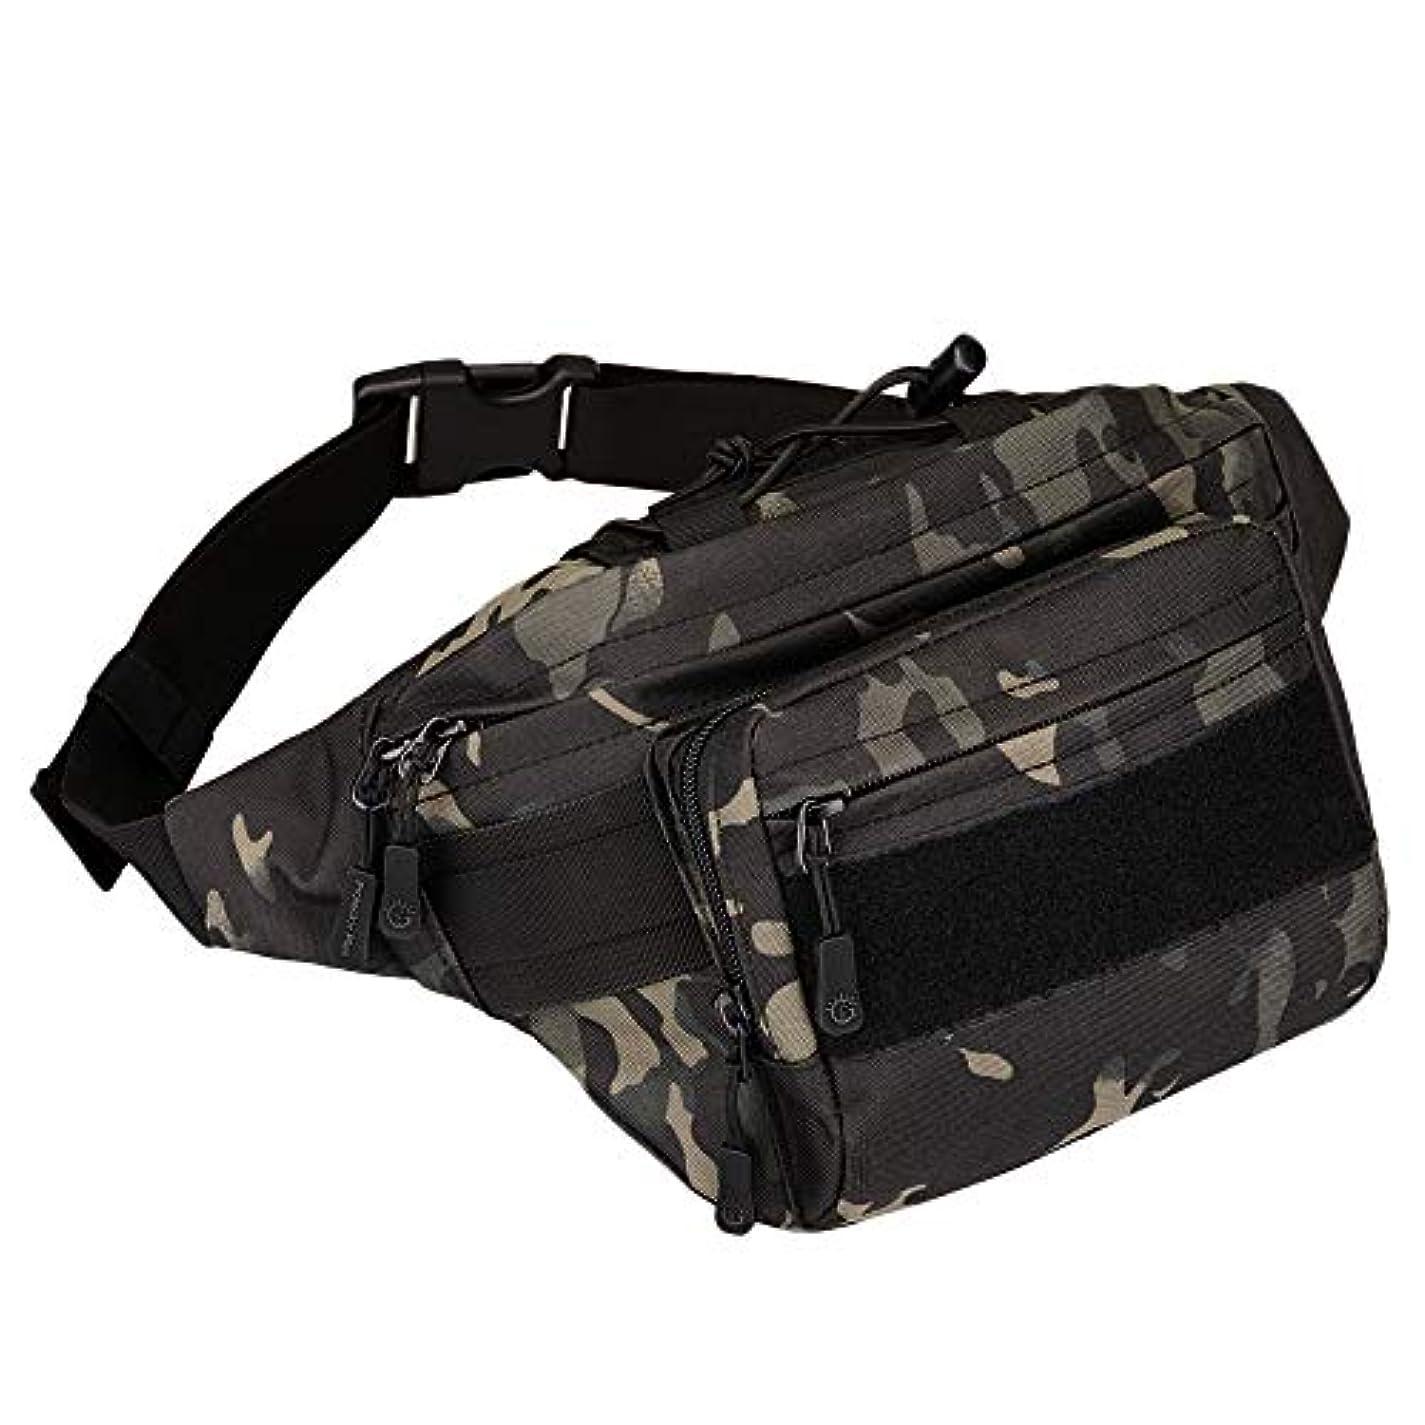 死傷者染色調べるProtector Plus Military Fanny Packタクティカルウエストバッグパック耐水性ヒップベルトバッグポーチアウトドアBumbag